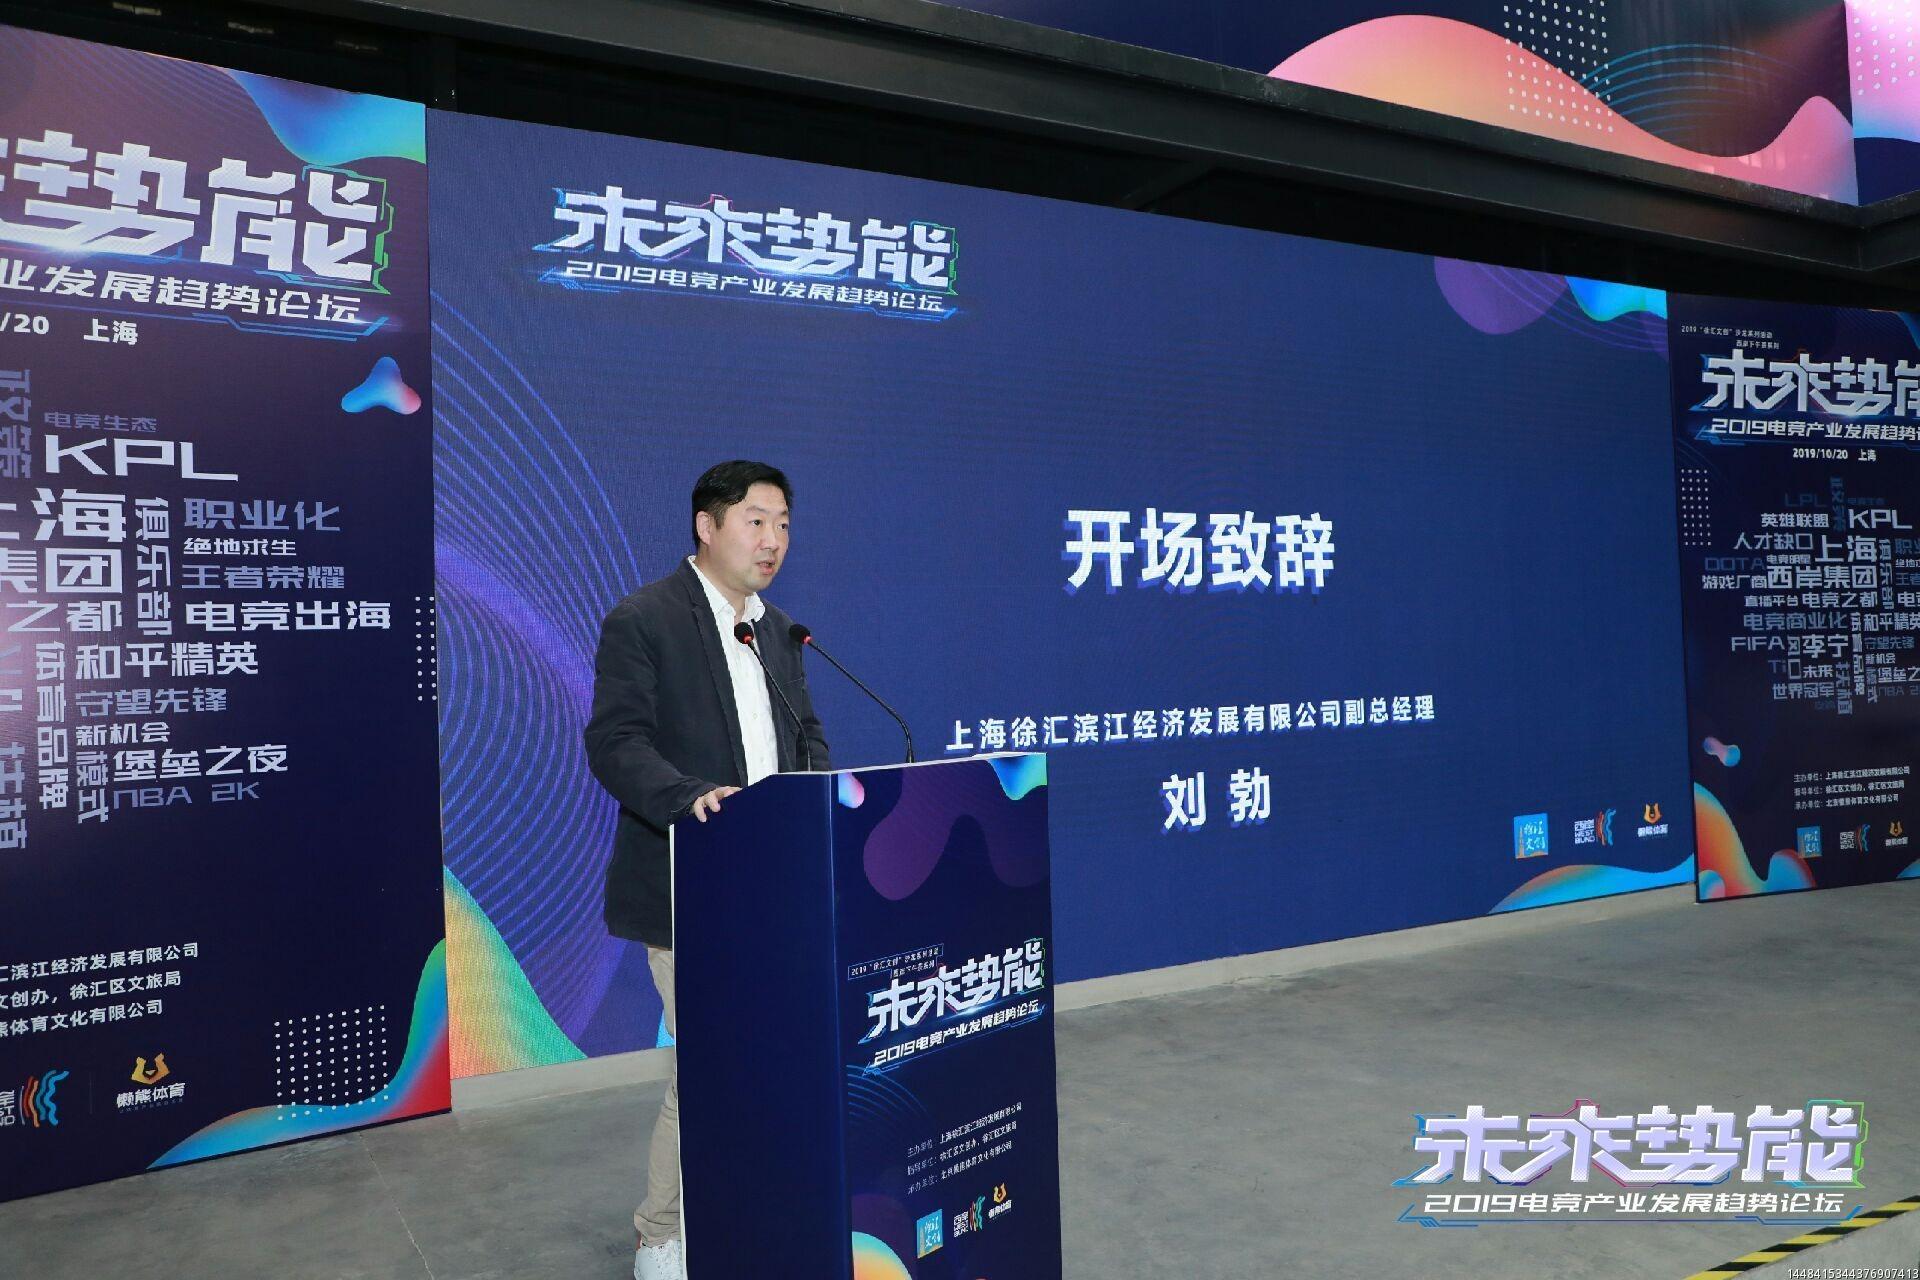 """上海西岸2019电竞产业论坛成功举办,共同推进""""电竞之都""""建设步伐"""